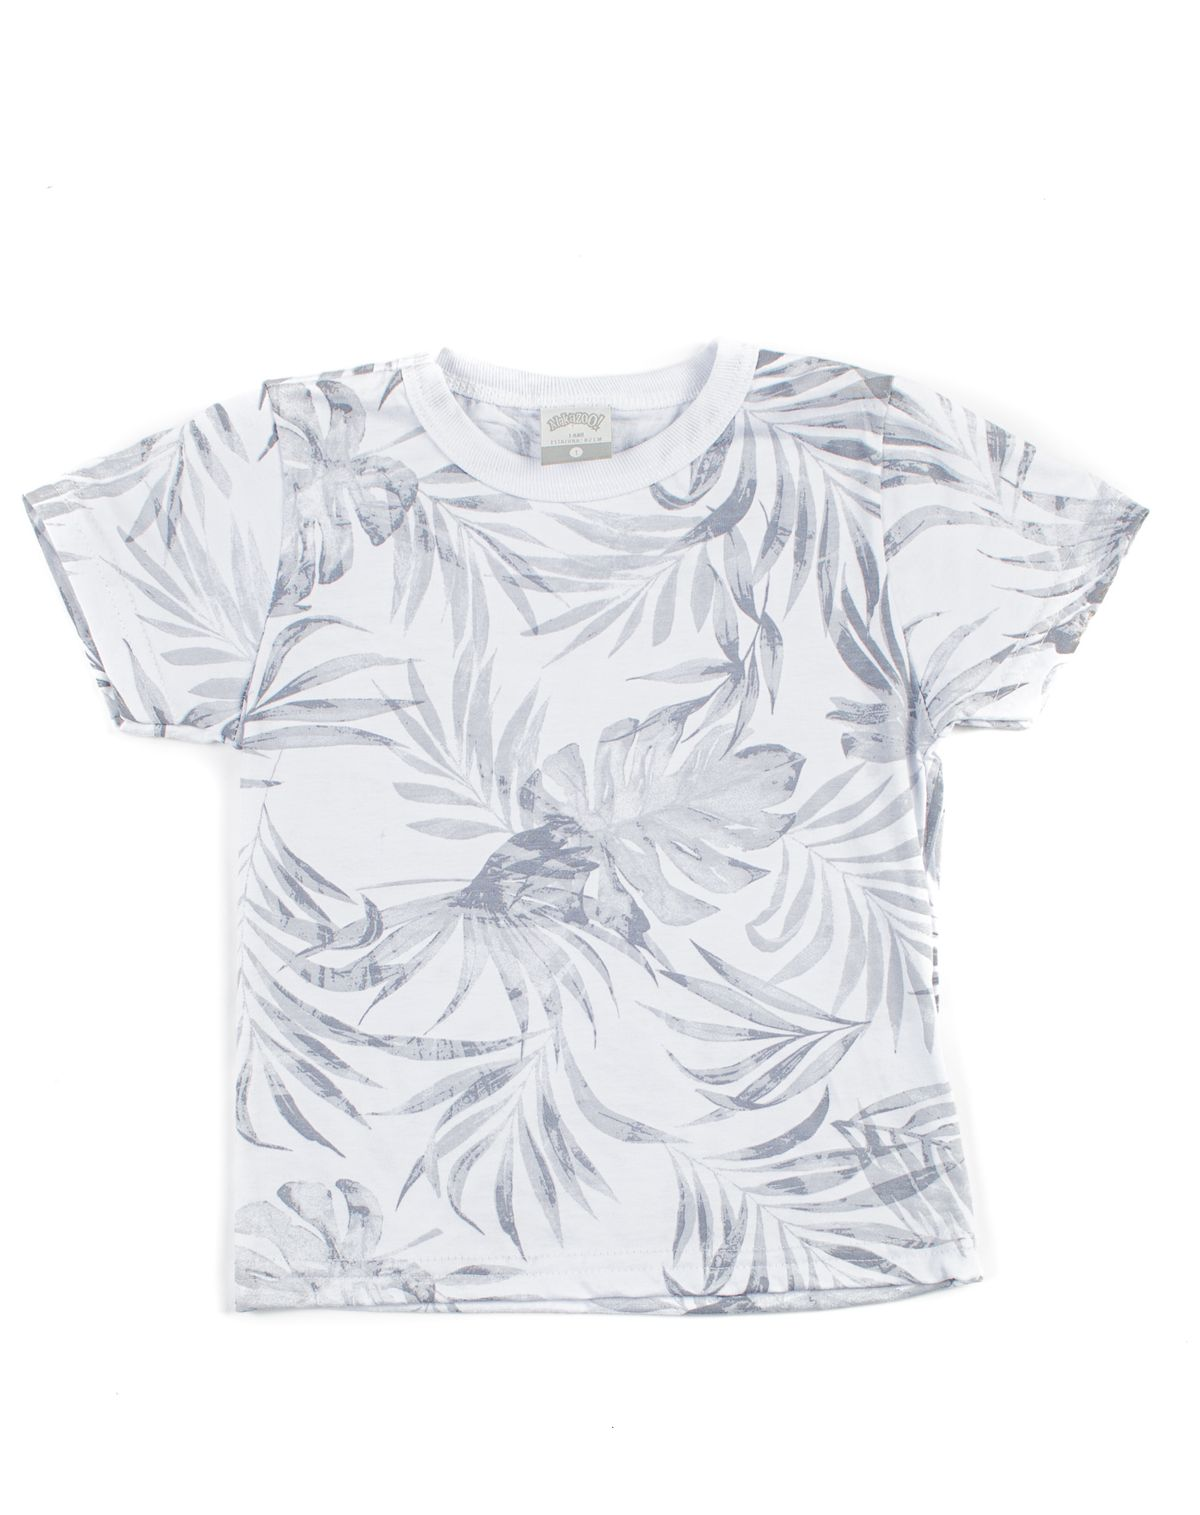 569354002-camiseta-manga-curta-bebe-menino-estampada-cinza-2-dab